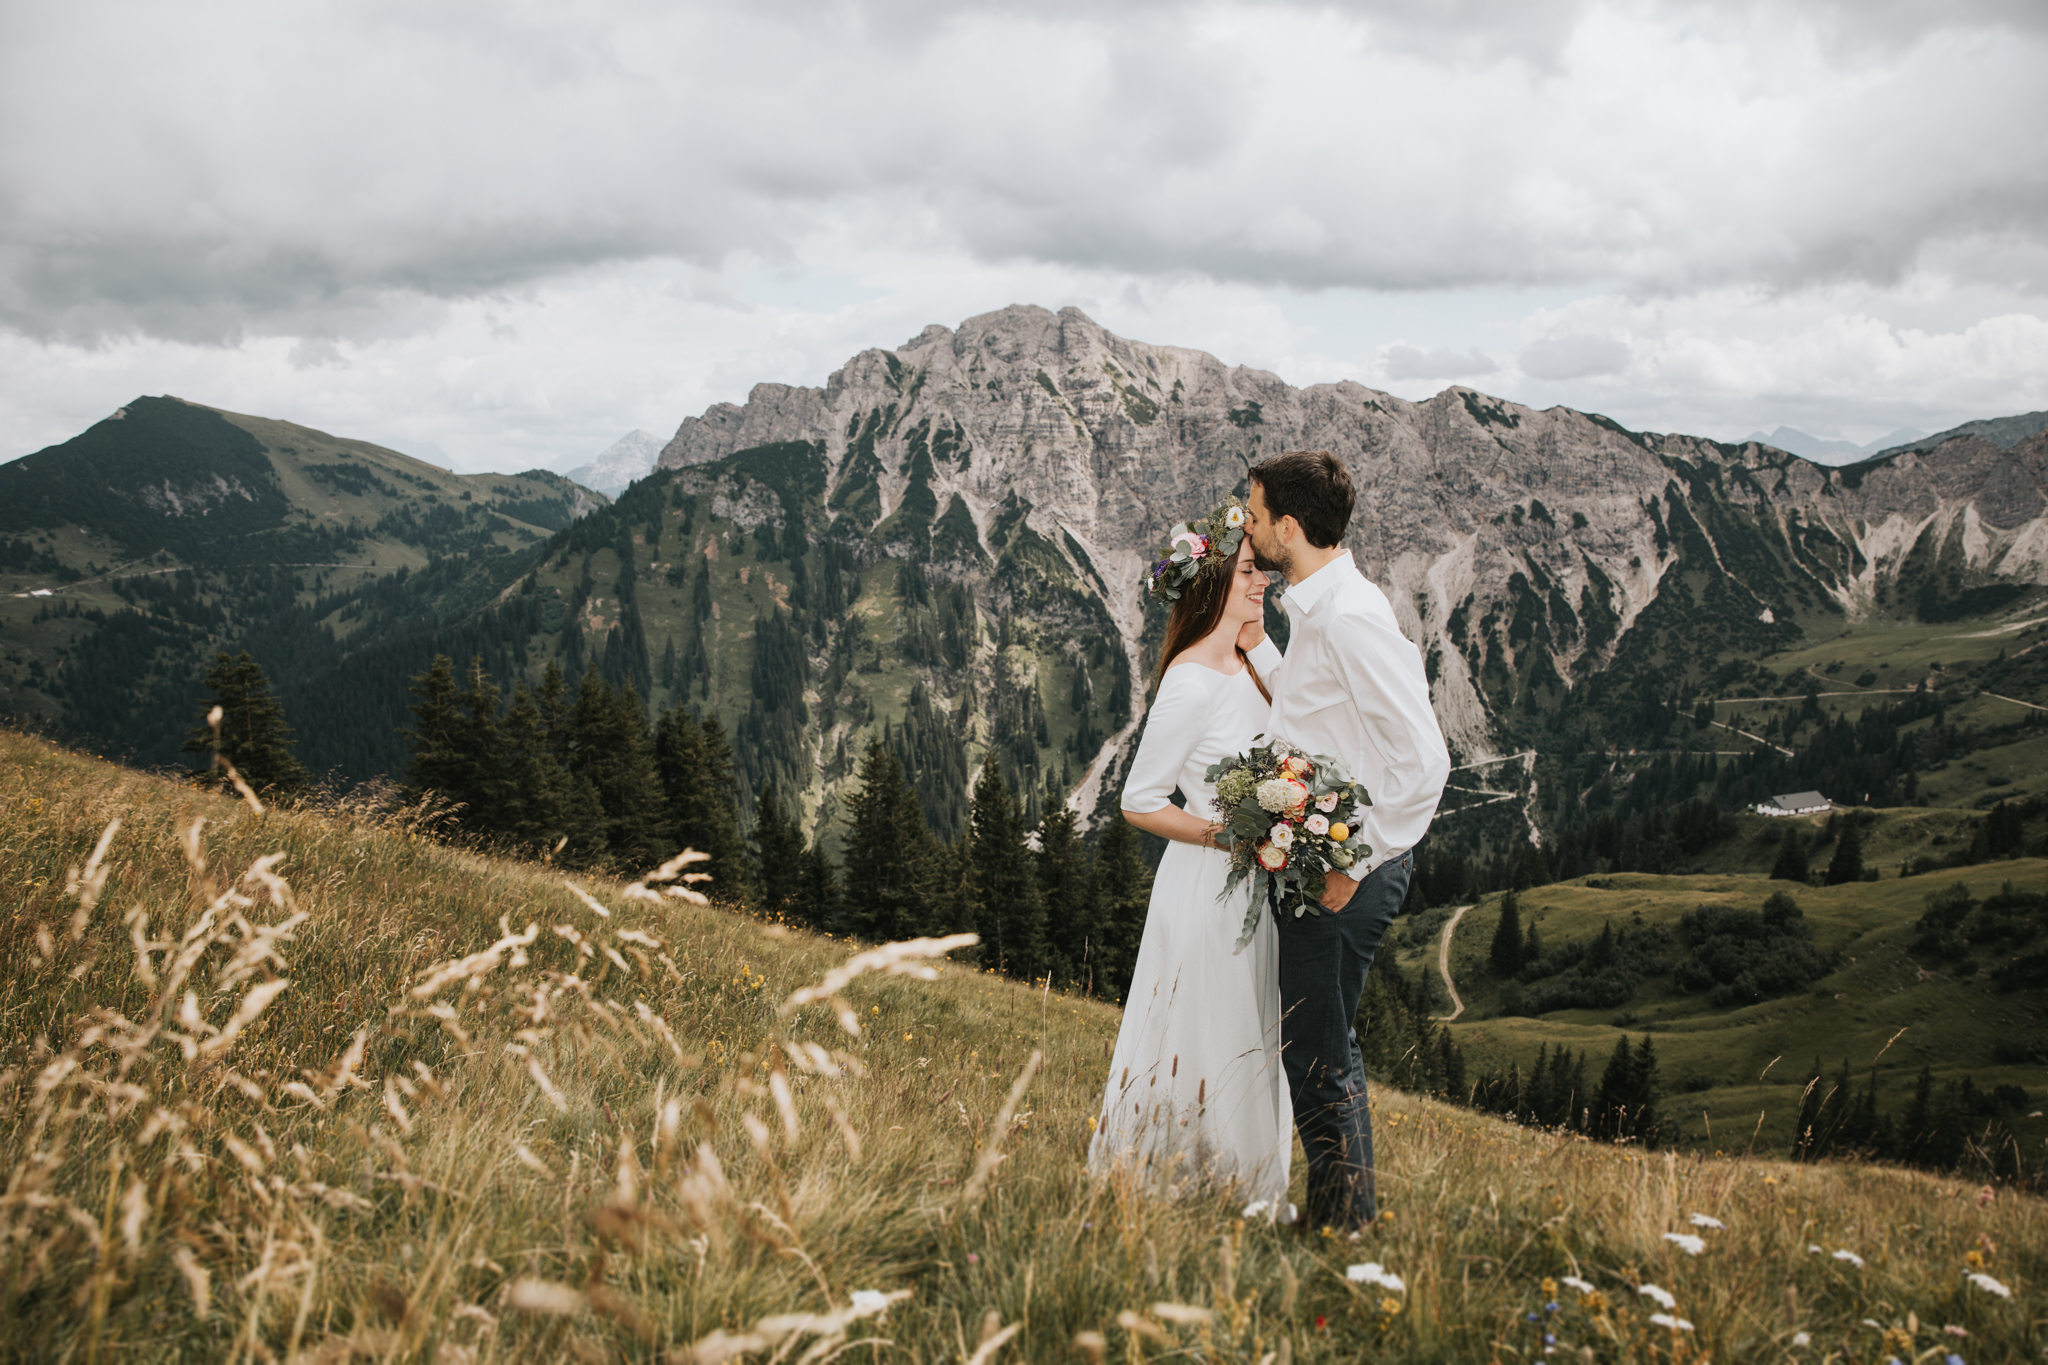 Hochzeit in Tirol, Fotograf Deutschland, Brautpaarbilder, Brautpaarfotos, Elopement Austria